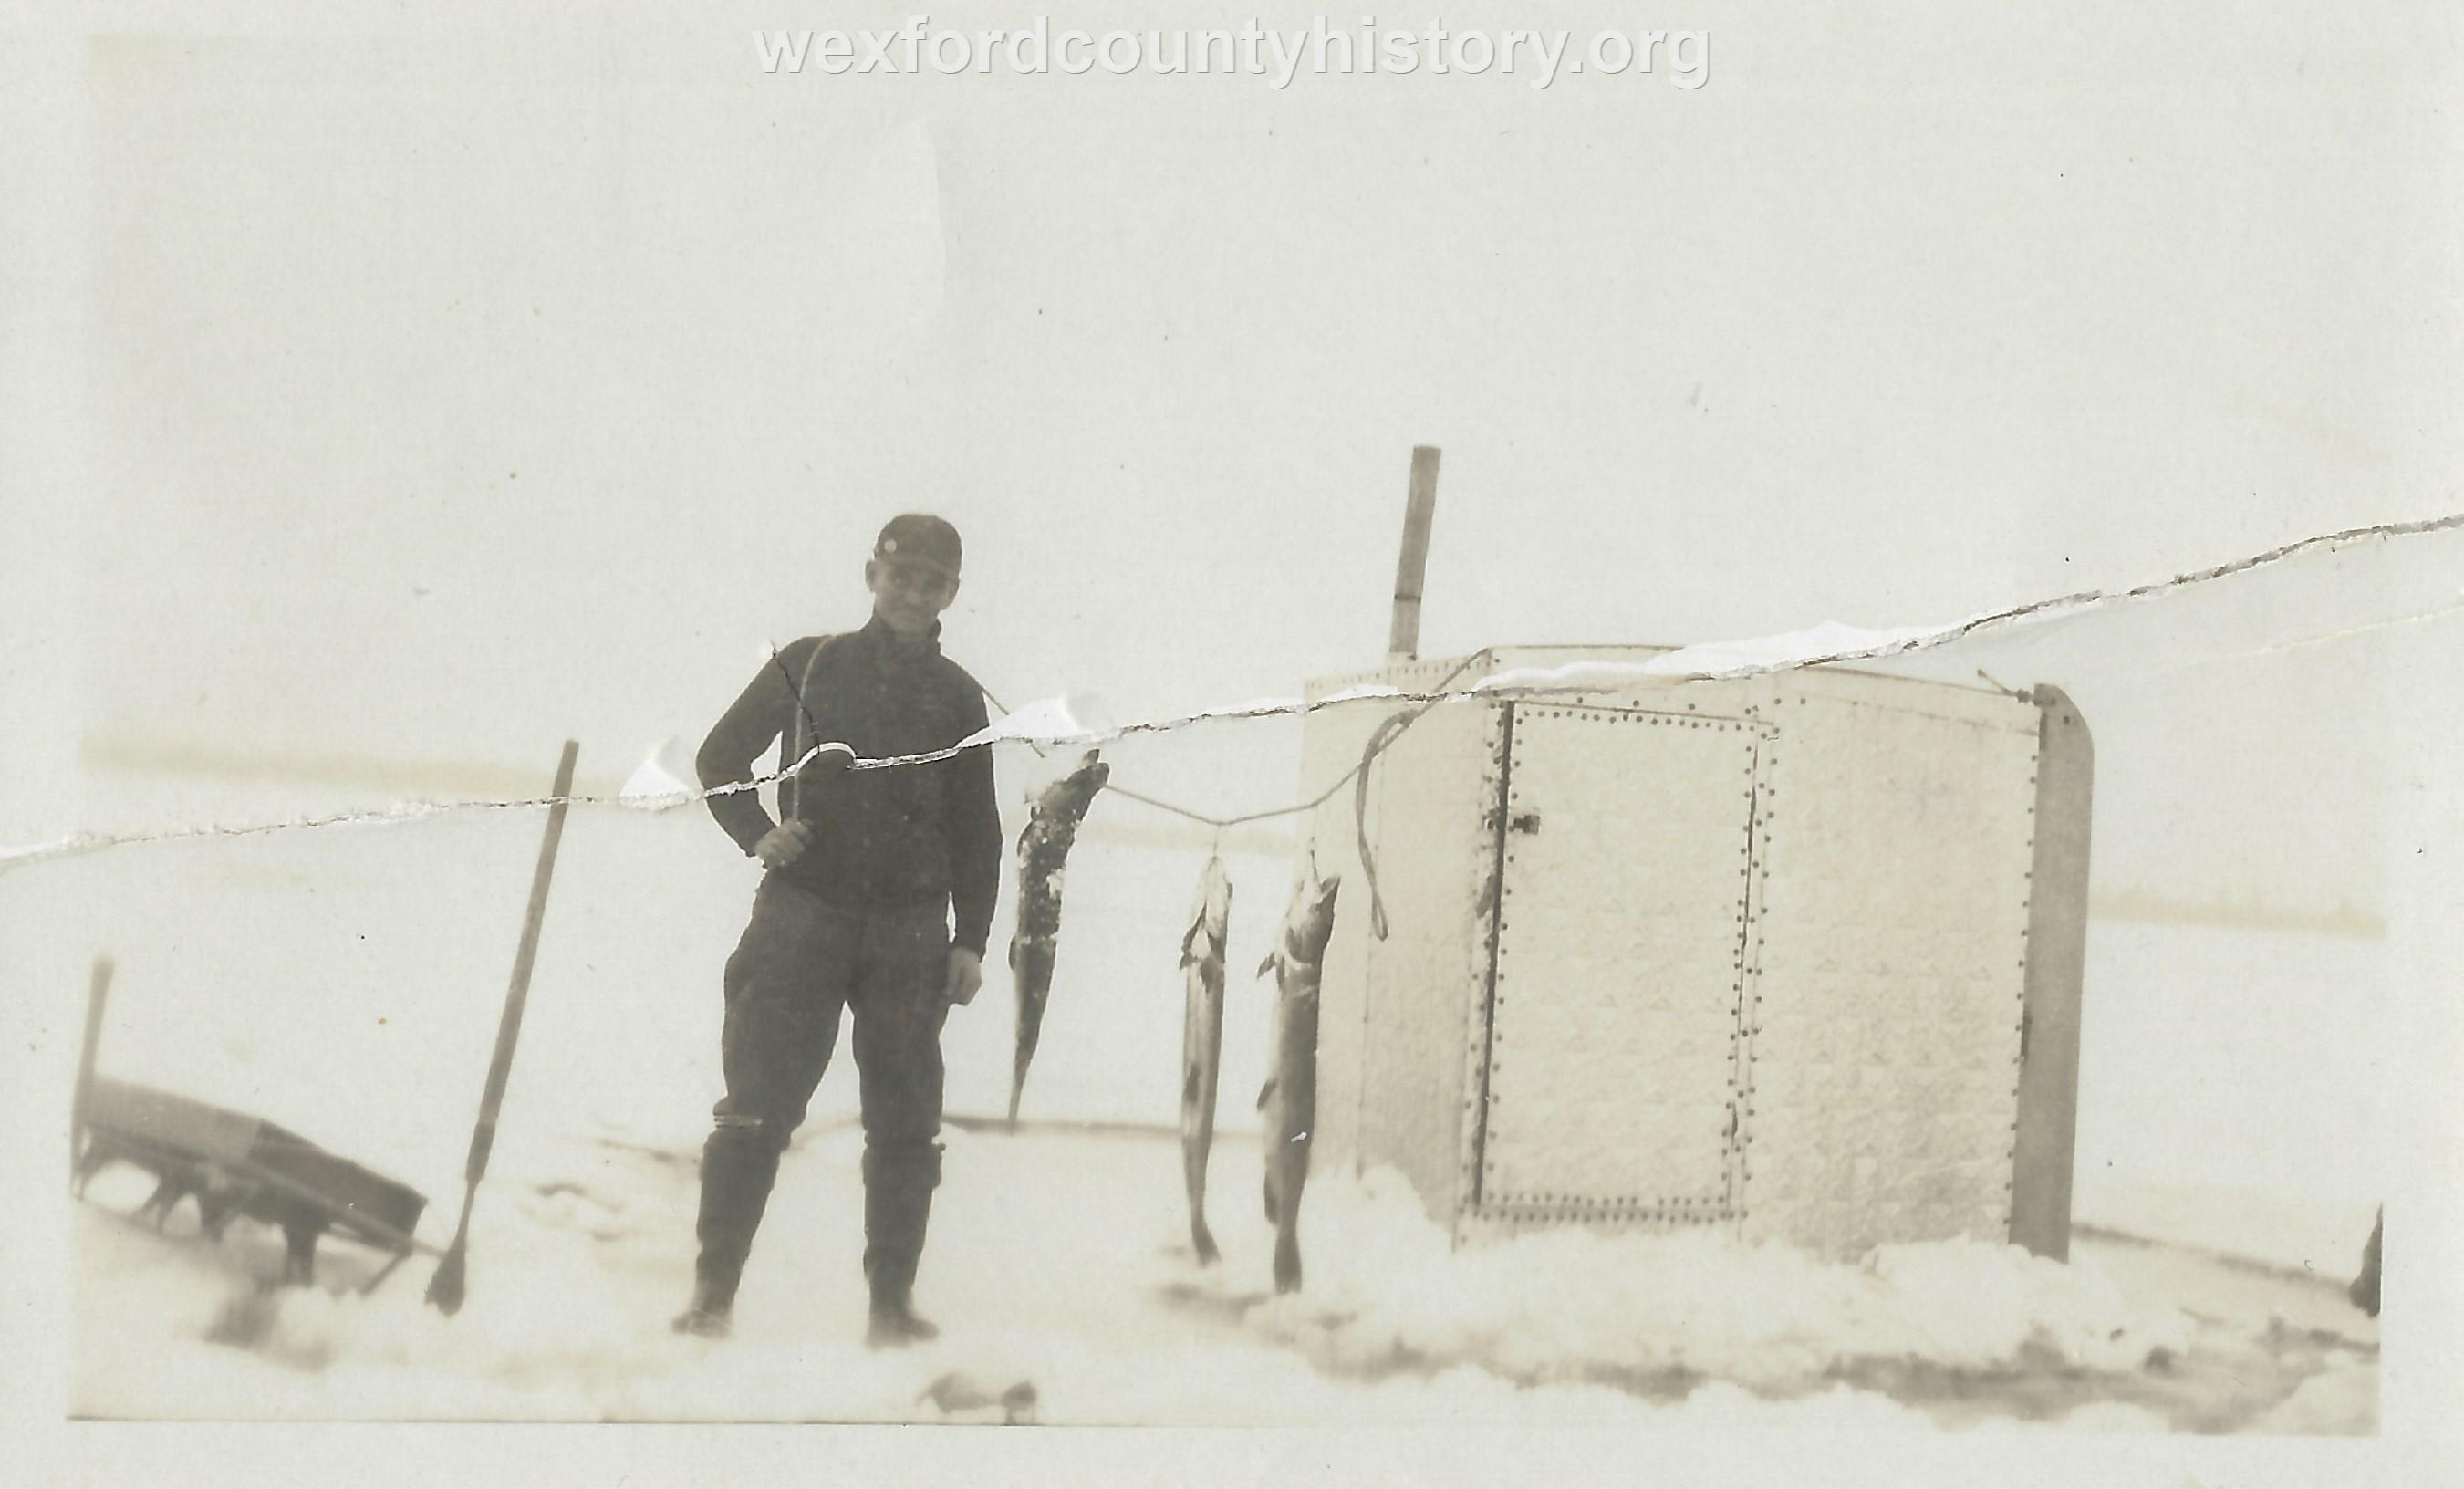 Cadillac-Hunting-And-Fishing-Ice-Shanty-on-Lake-Cadillac-1925